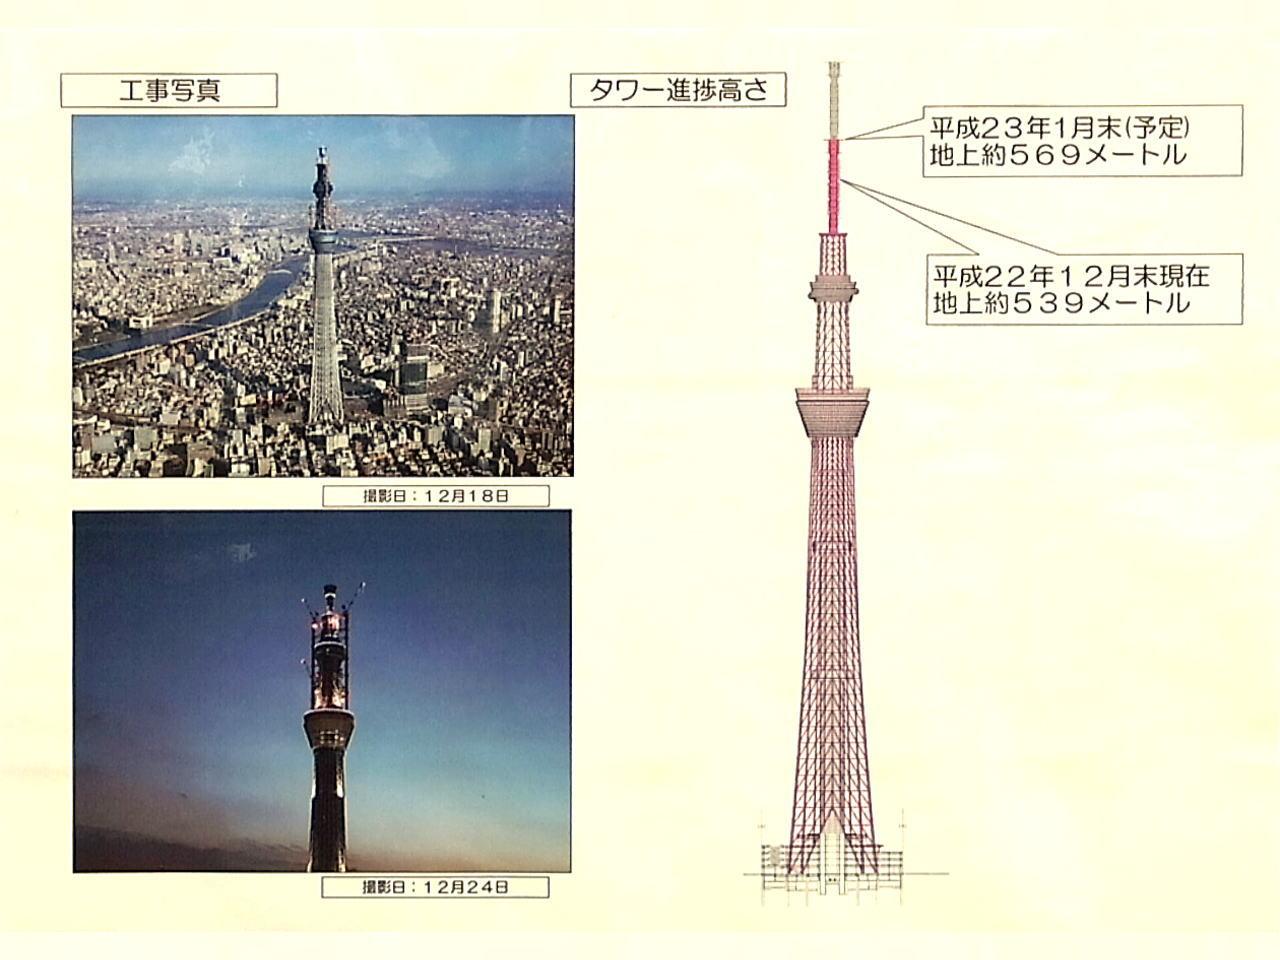 タワー進捗高さ